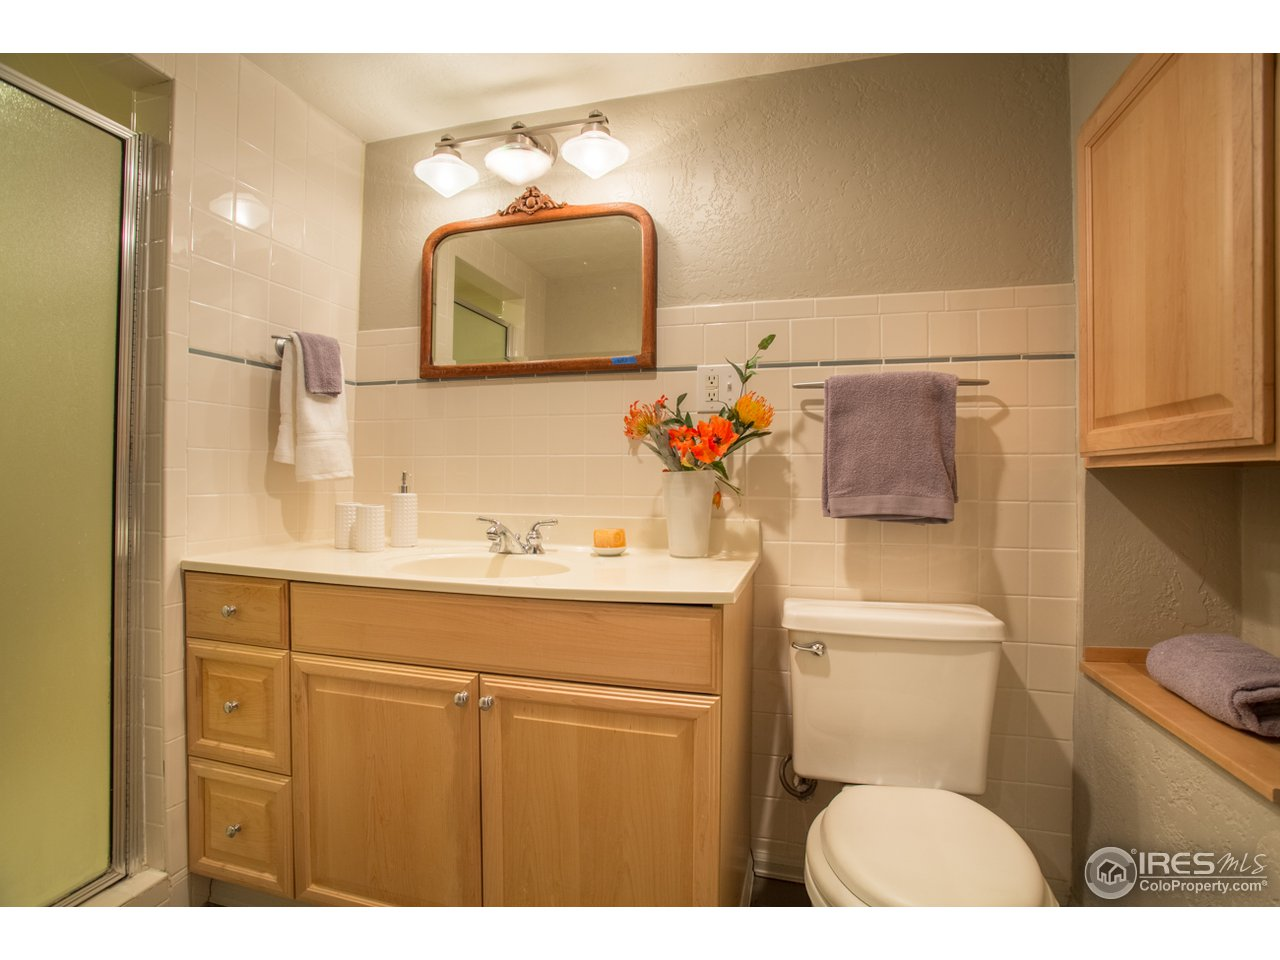 3/4 basement bathroom